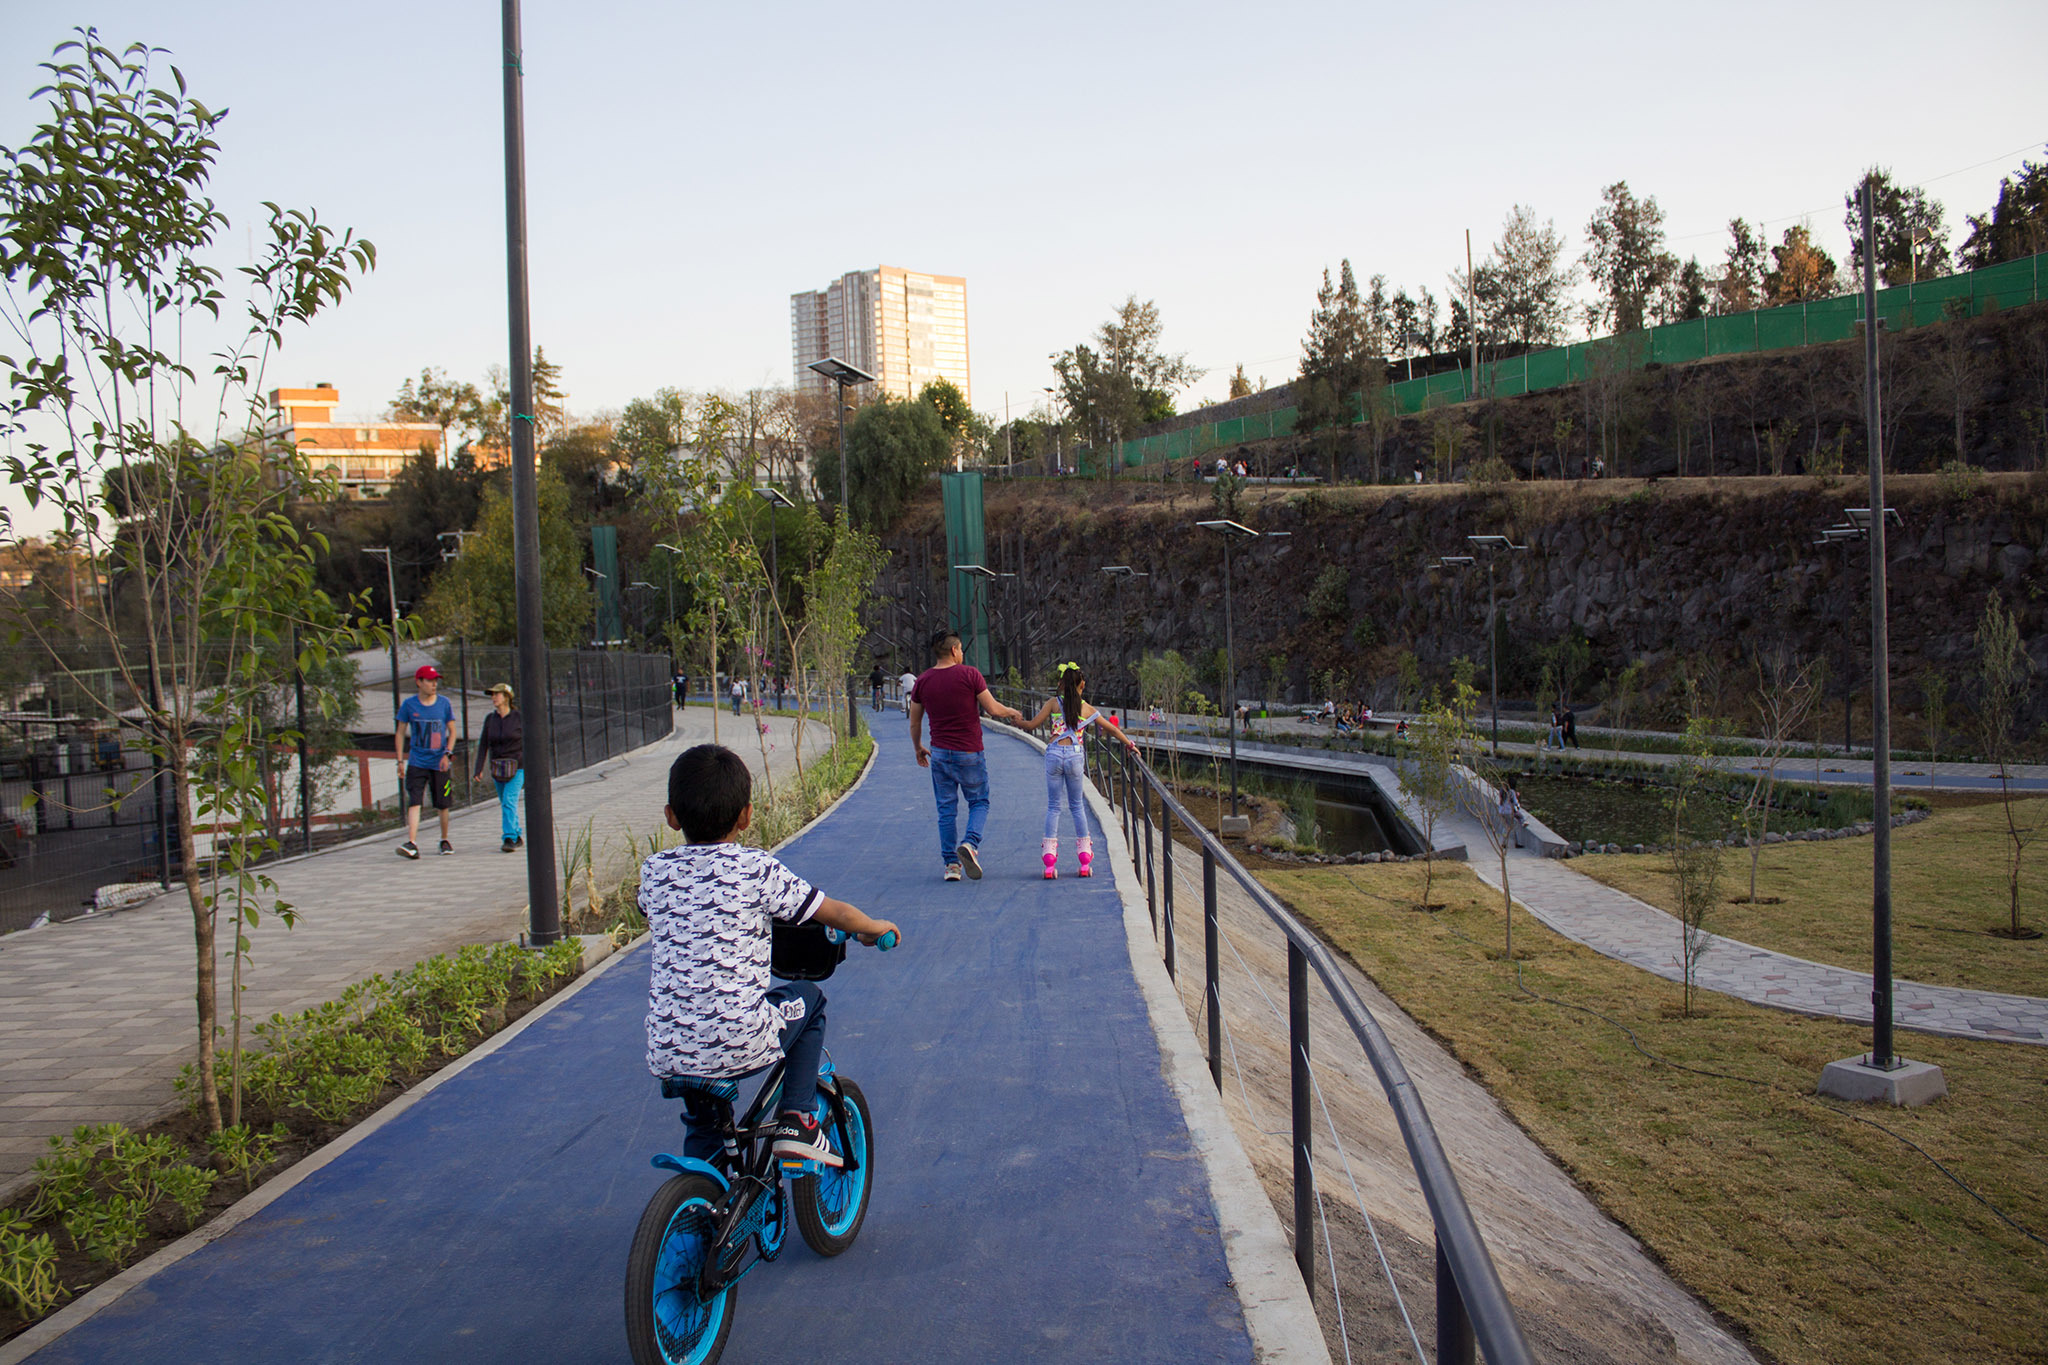 El Parque Cantera es otro parque en la alcaldía Coyoacán